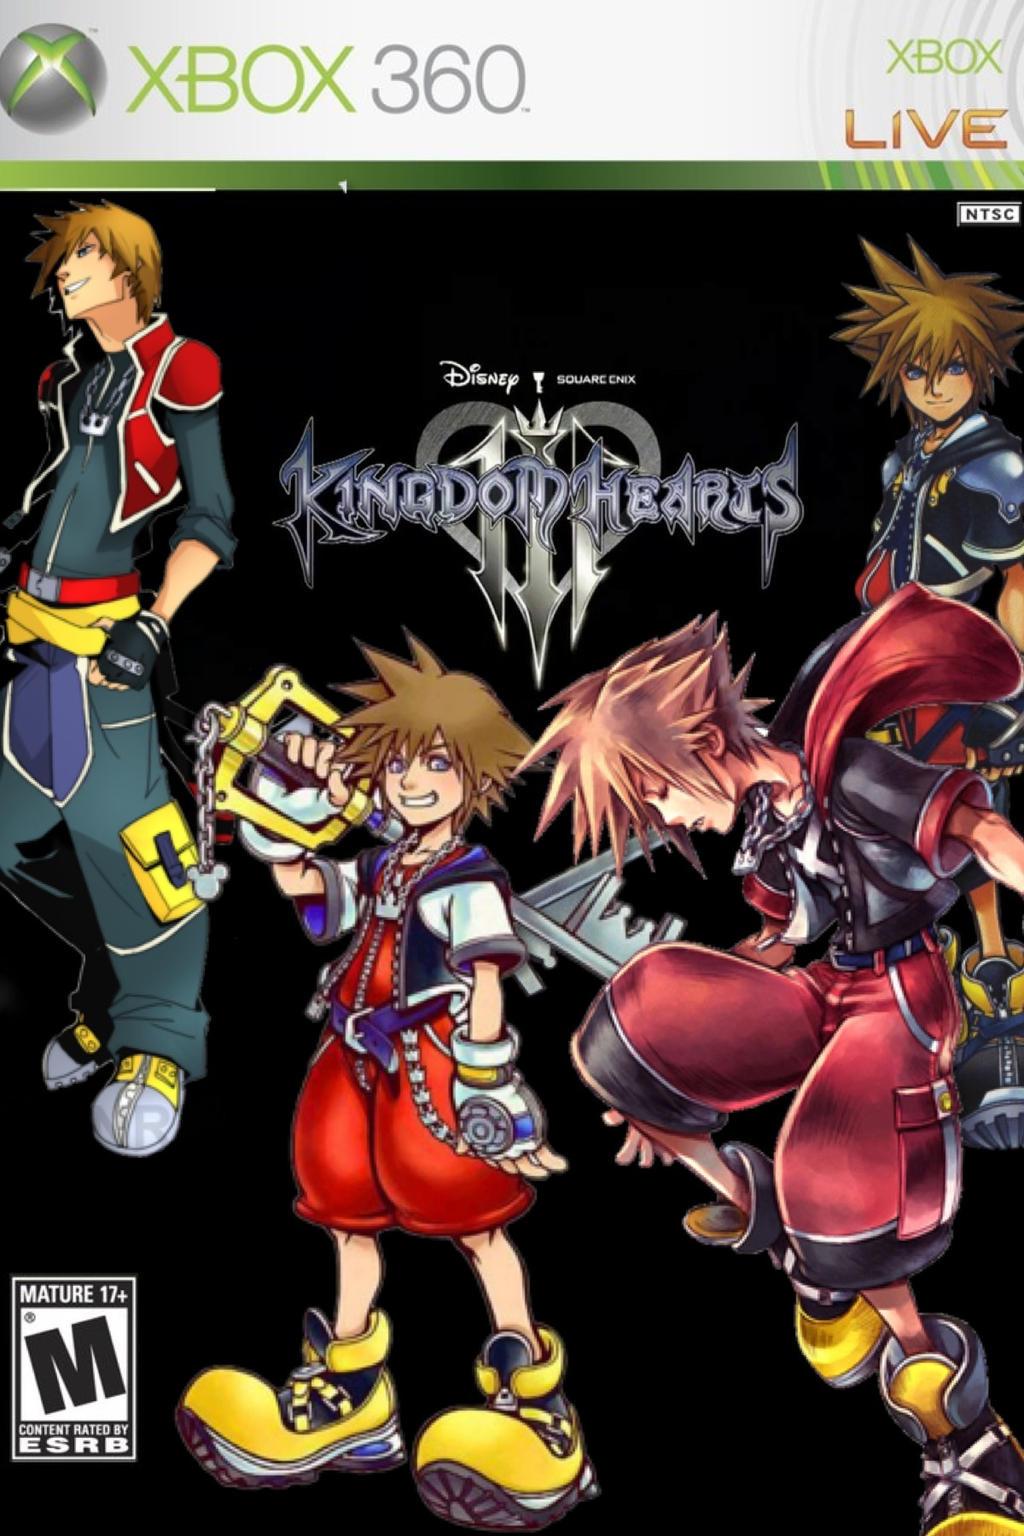 If Kingdom Hearts were on Xbox 360 by Blazekai23 on DeviantArt